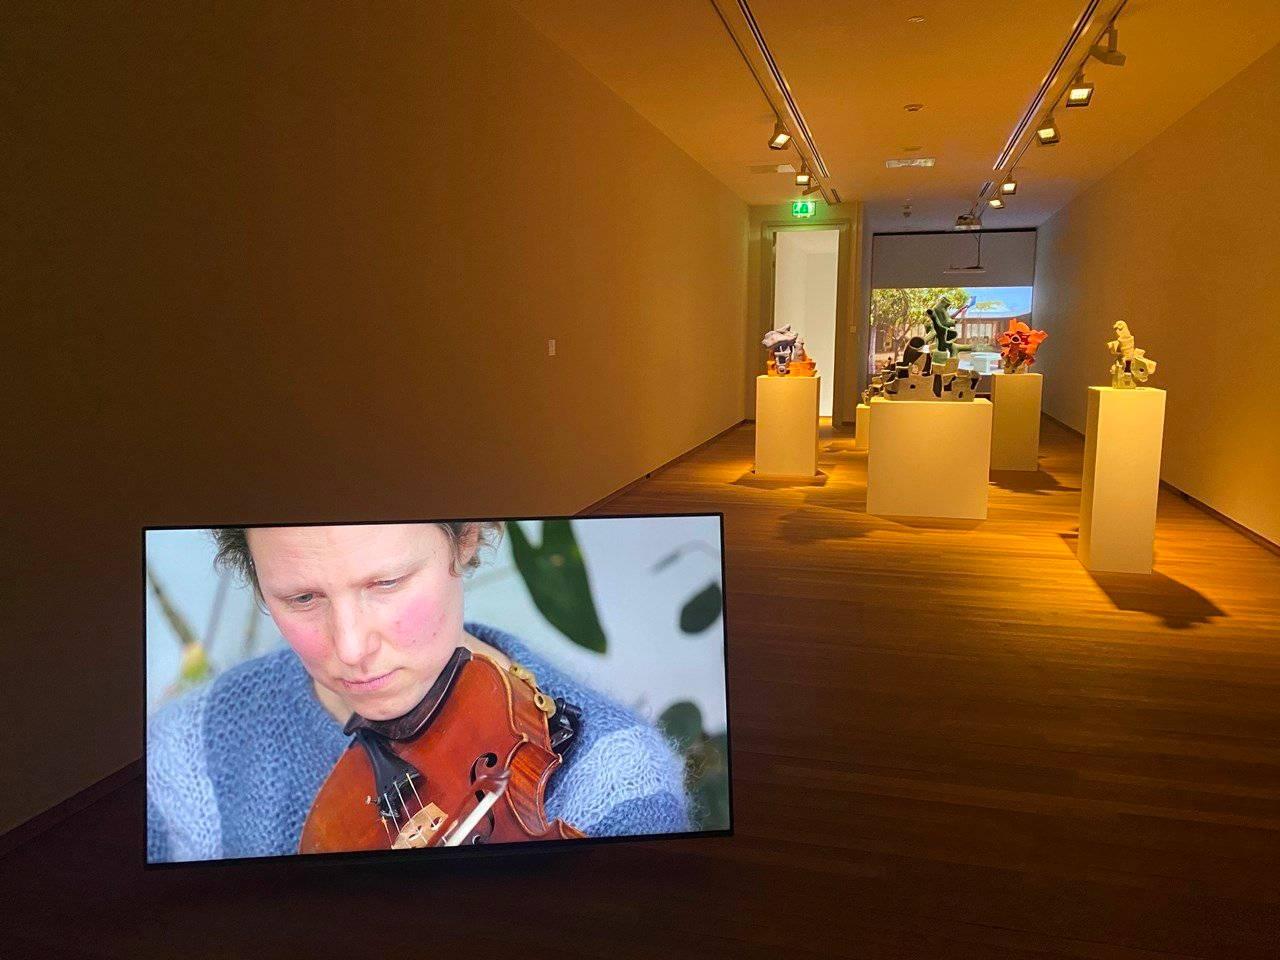 Voice Over, מוזיאון בונפאנטן, מאסטריכט, 2020